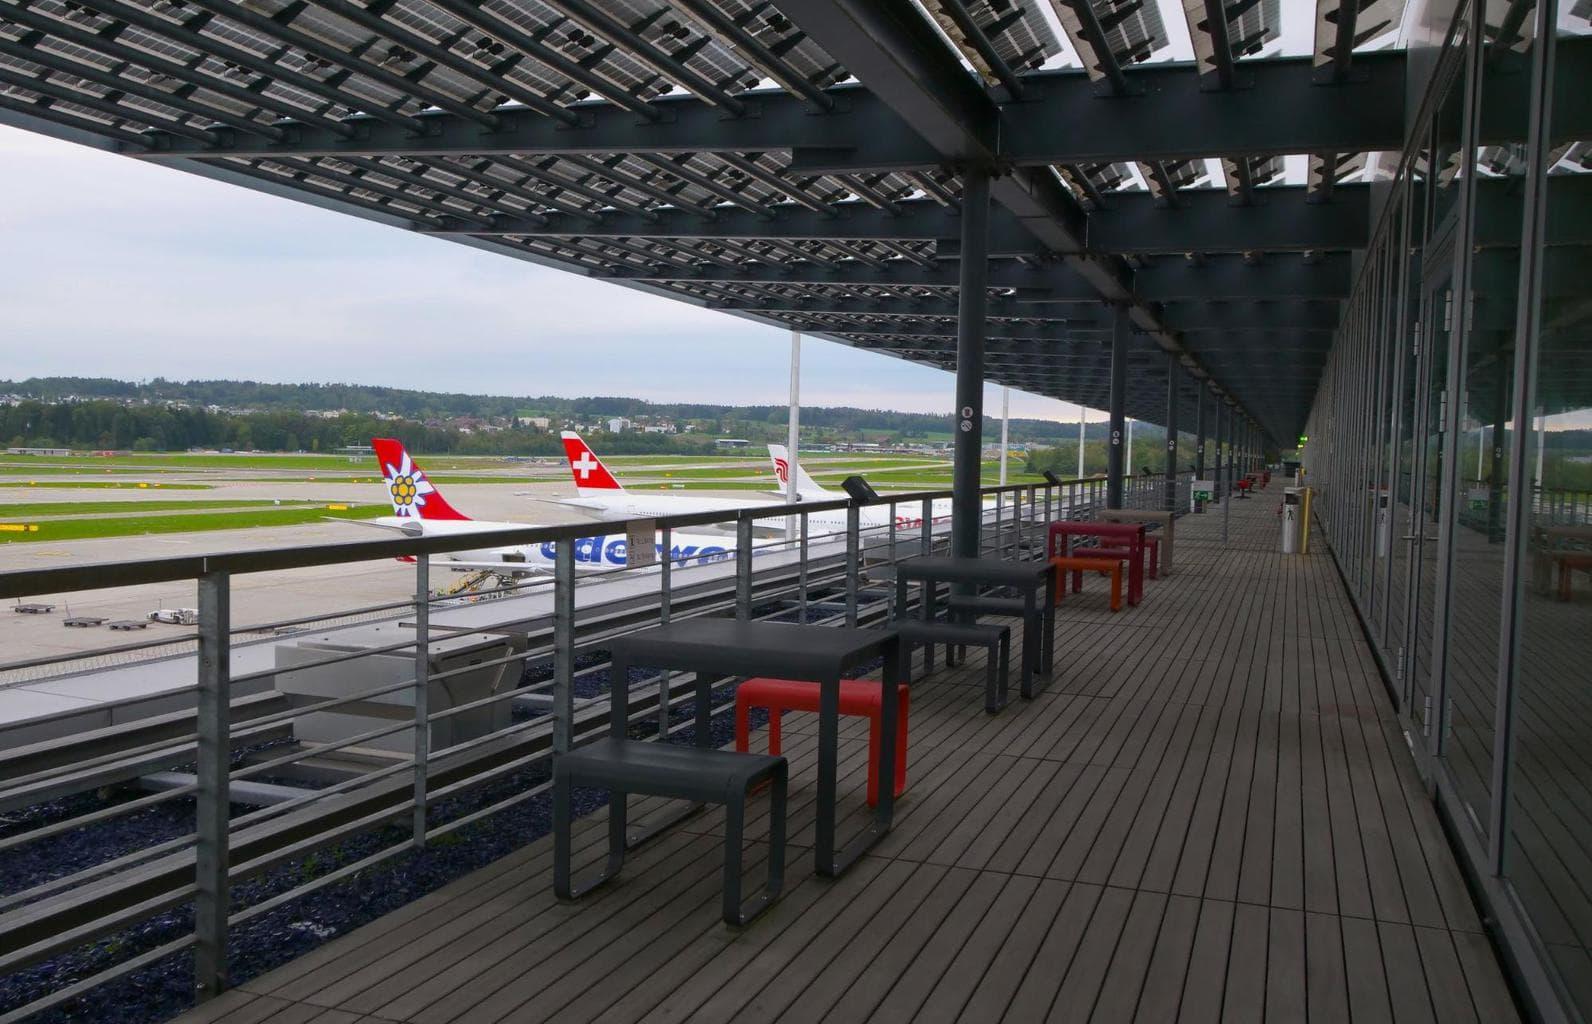 Outdoor balconies with runway views